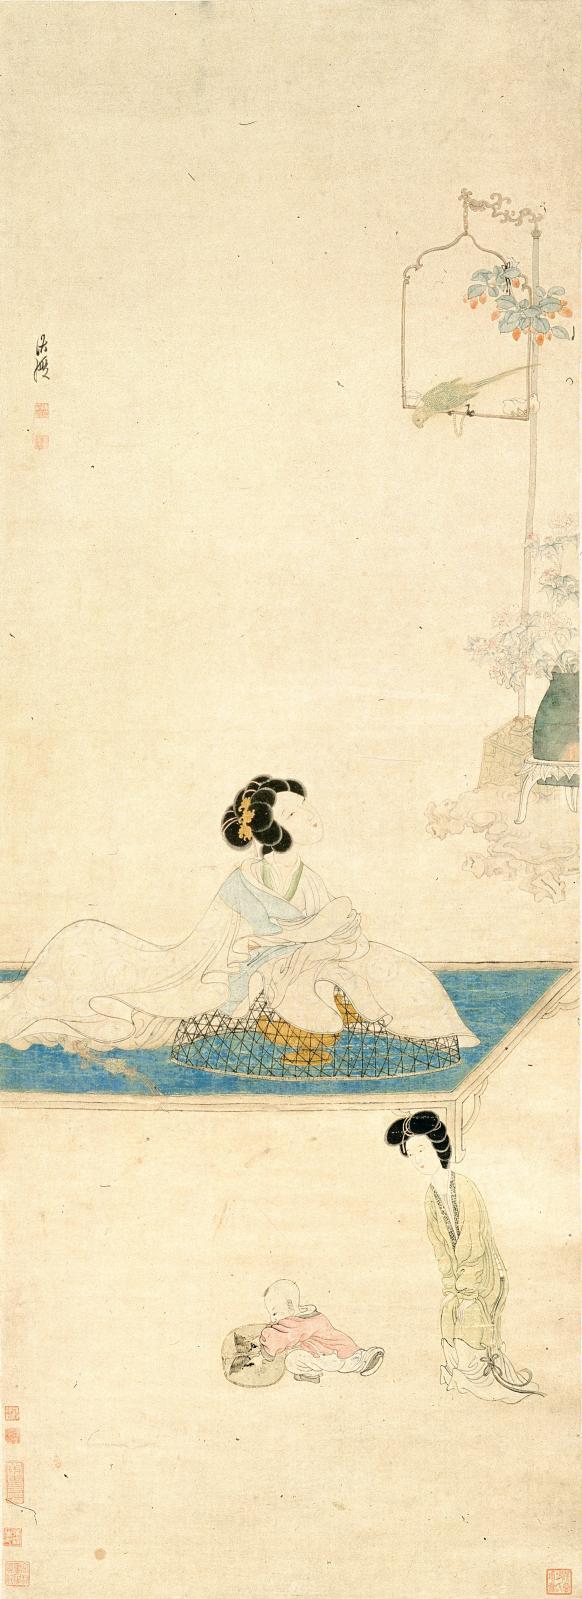 Chen Hongshou, Femme parfumant ses manches (détail), encre et couleurs sur soie, dynastie des Ming (XIVesiècle-XVIIesiècle), musée de Shanghai.